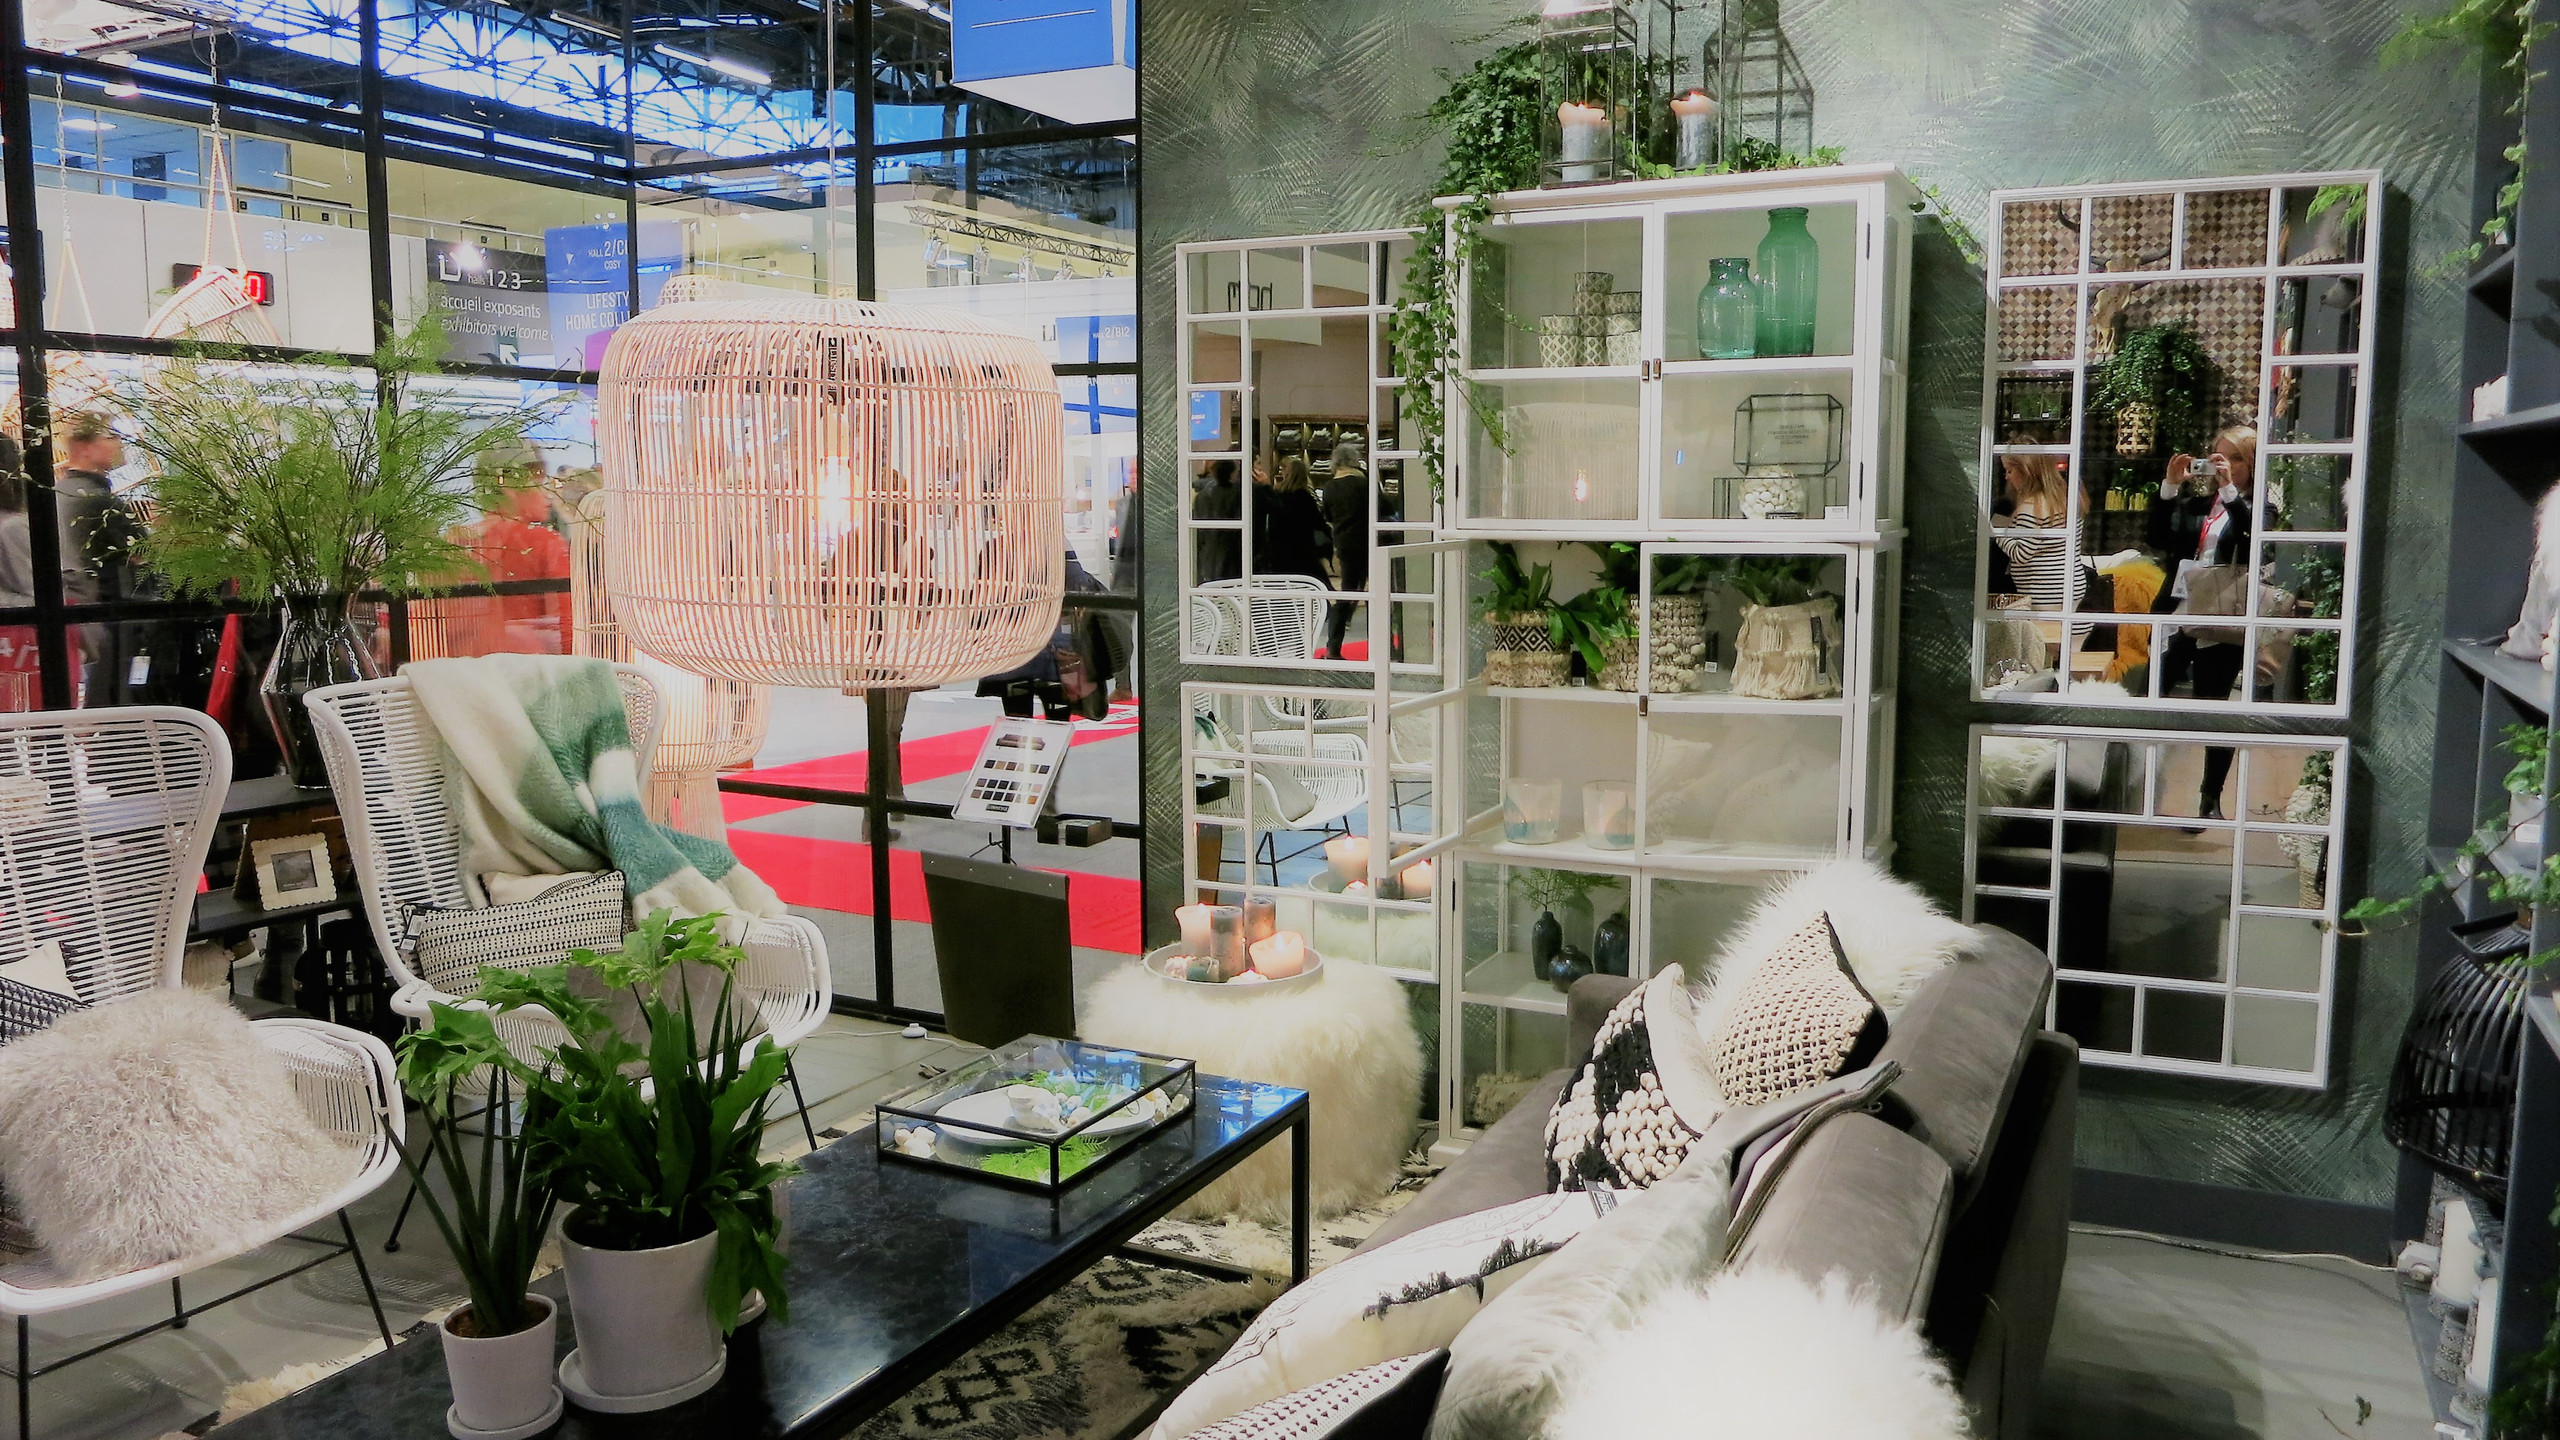 Maison & Objet Paris  Greenery, die Pantone-Farbe des Jahres, sieht man überall.